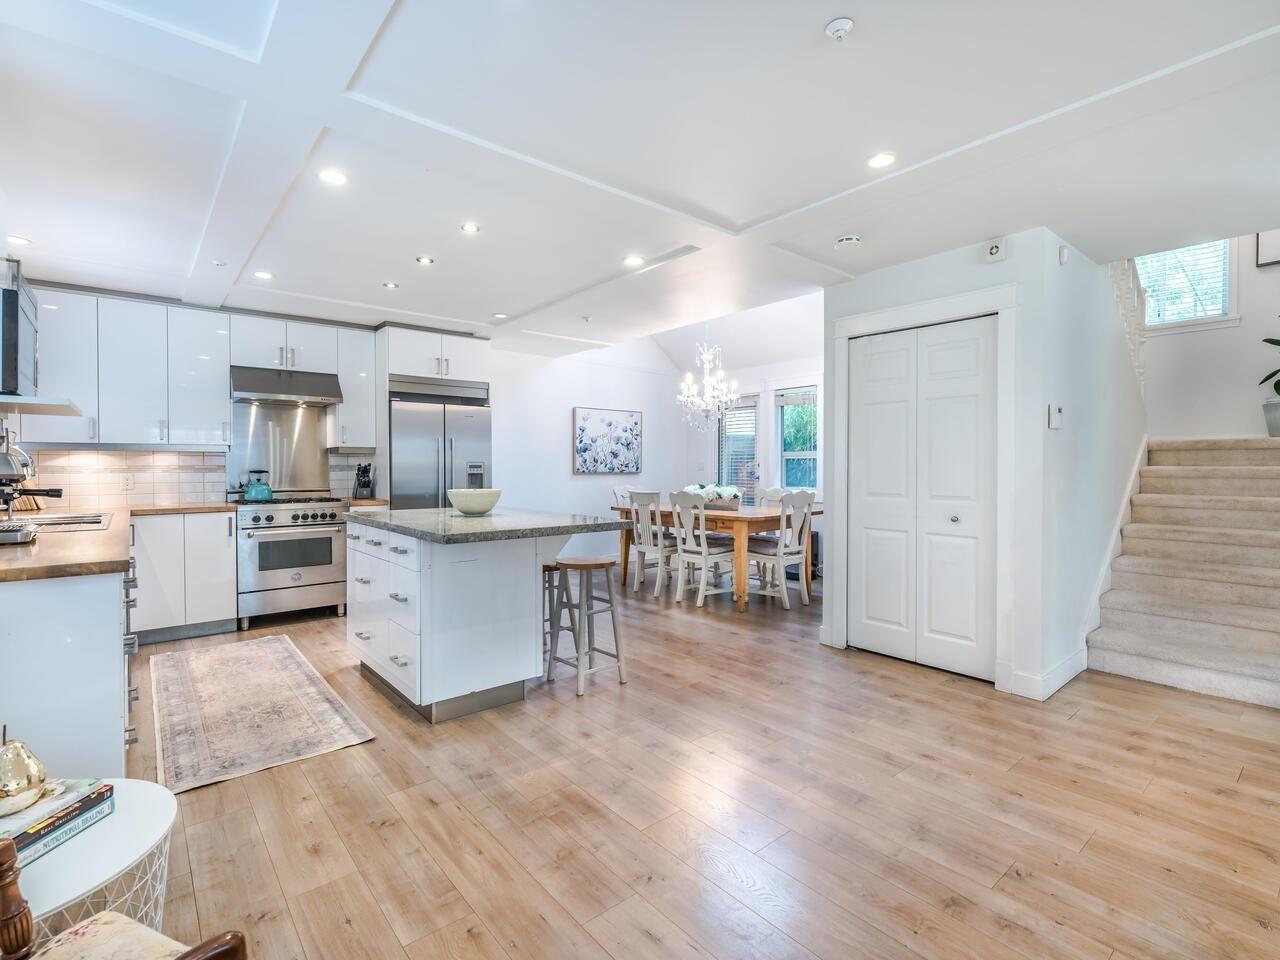 1231 E 11TH AVENUE - Mount Pleasant VE 1/2 Duplex for sale, 3 Bedrooms (R2625828) - #17